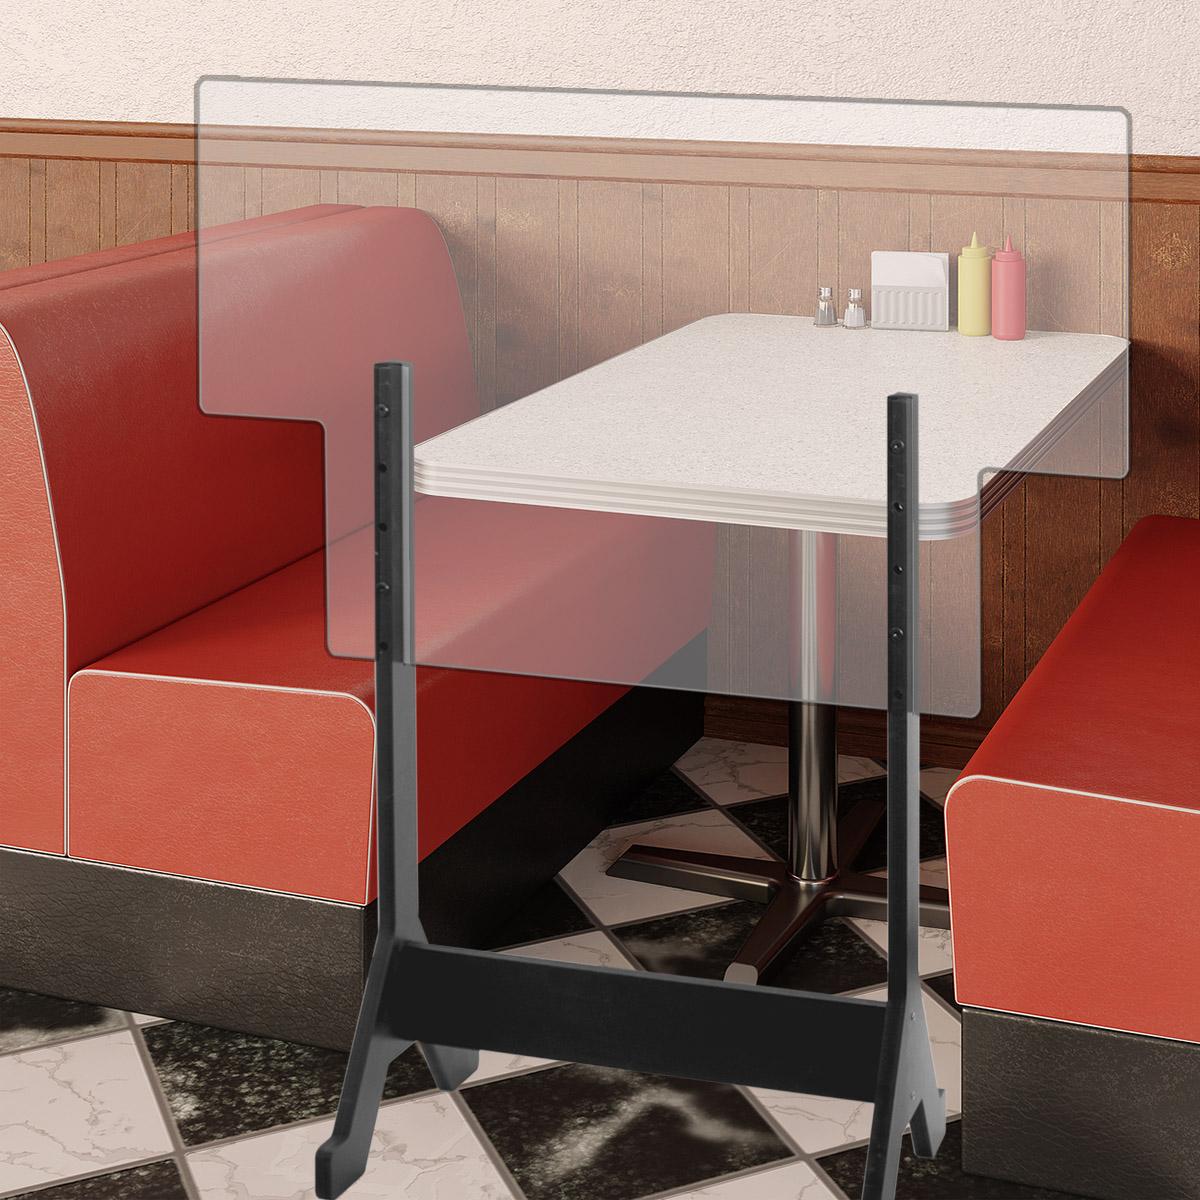 Restaurant Table Separator Floor Standing Sneeze Guard 54 To 63 H X 47 5 W Adjustable Height Shoppopdisplays